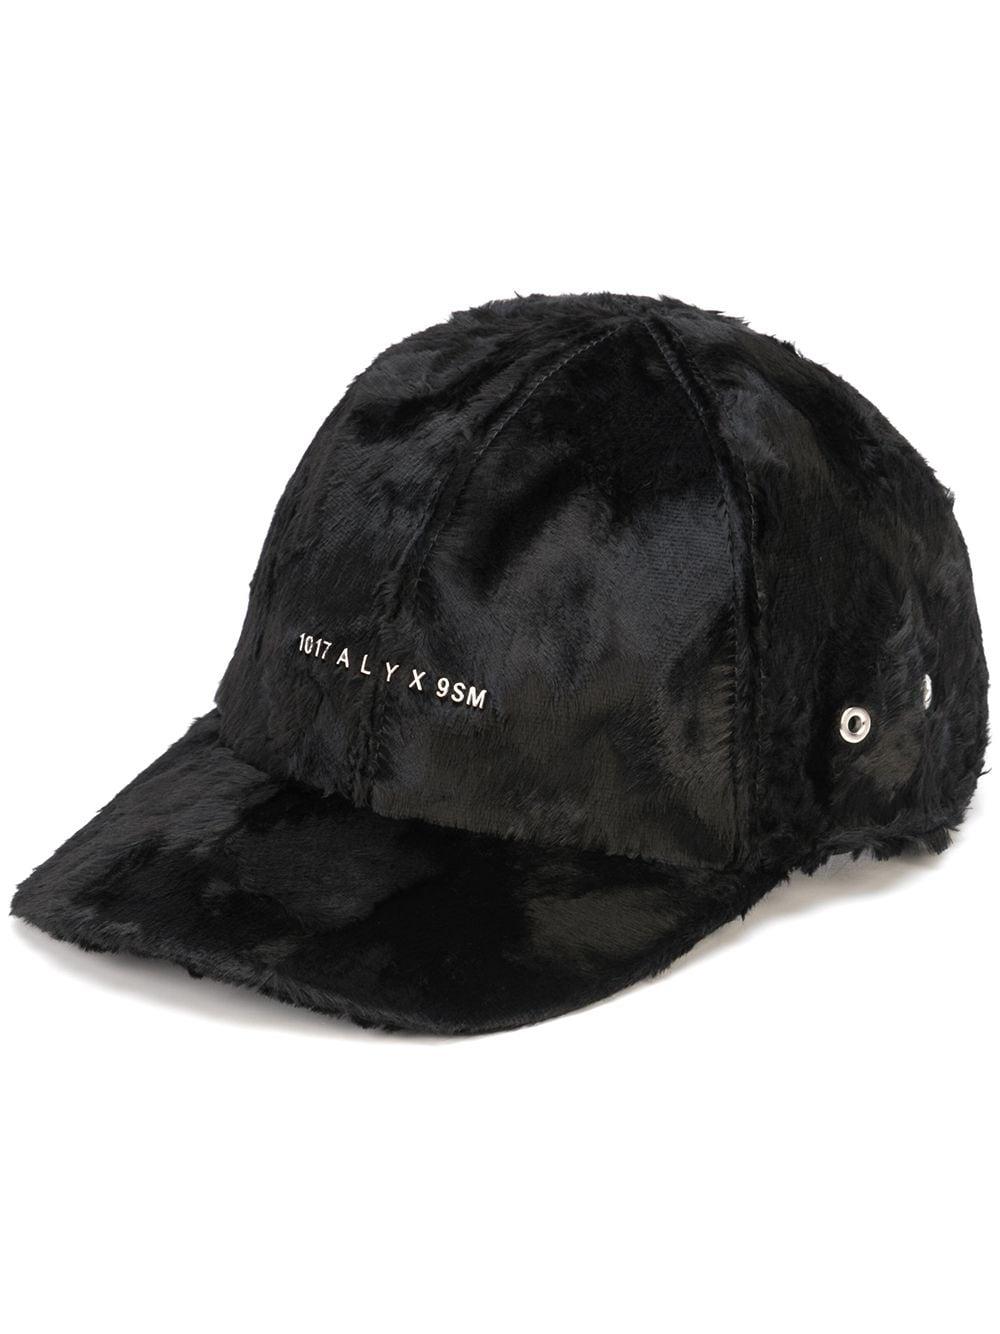 cappello con logo uomo nero in pelliccia 1017 ALYX 9SM | Cappelli | AAUHA0056FA01BLK001